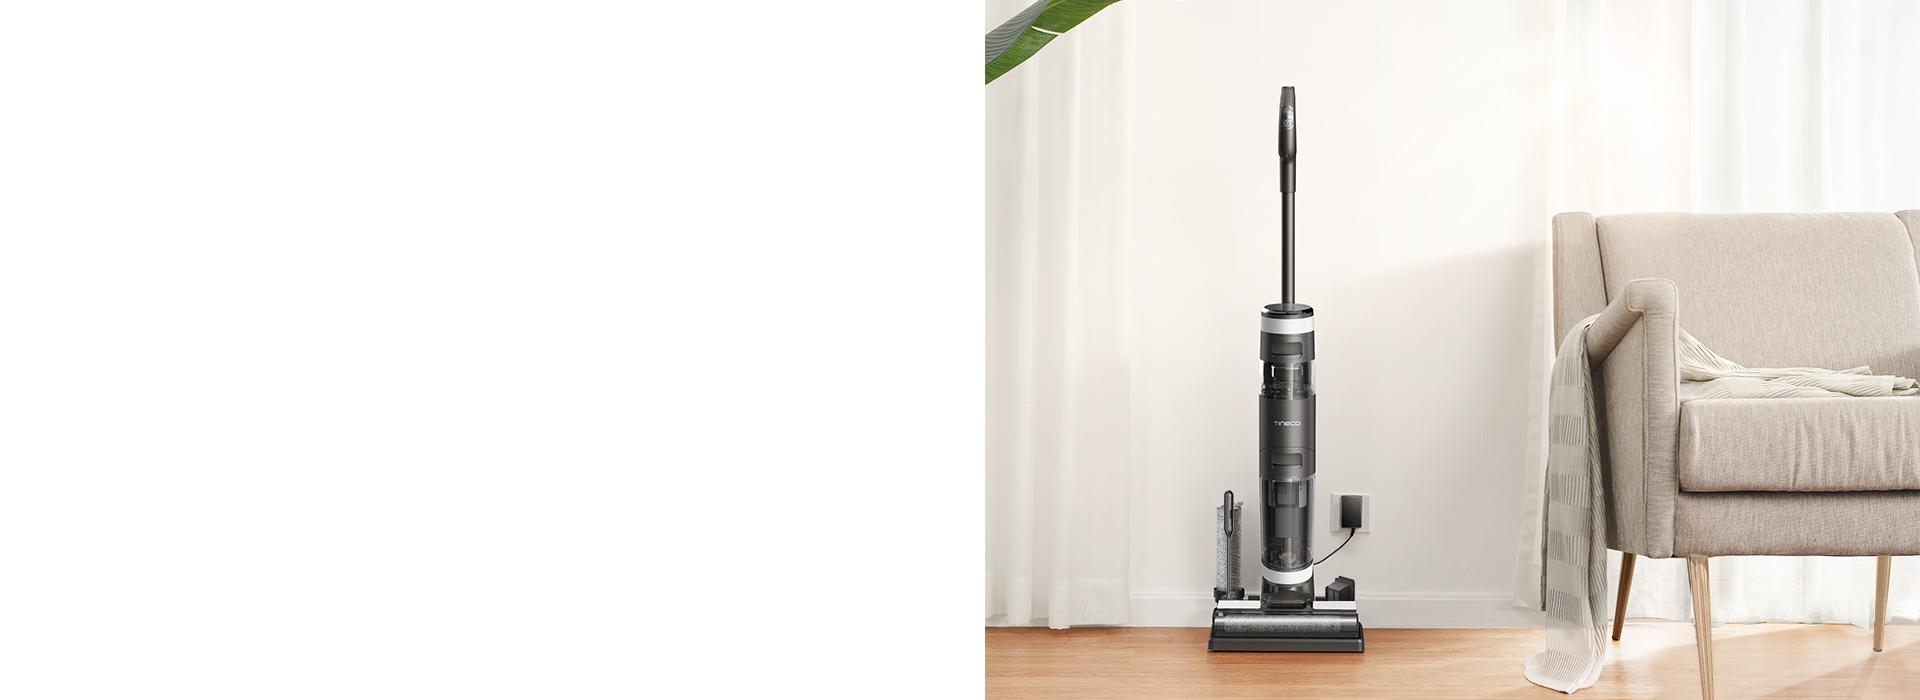 avec fonction d/'optimisation de la puissance d/'aspiration et du d/ébit d/'eau pour le nettoyage des sols durs Aspirateur nettoyeur sans fil intelligent Tineco Floor One S3 l/éger